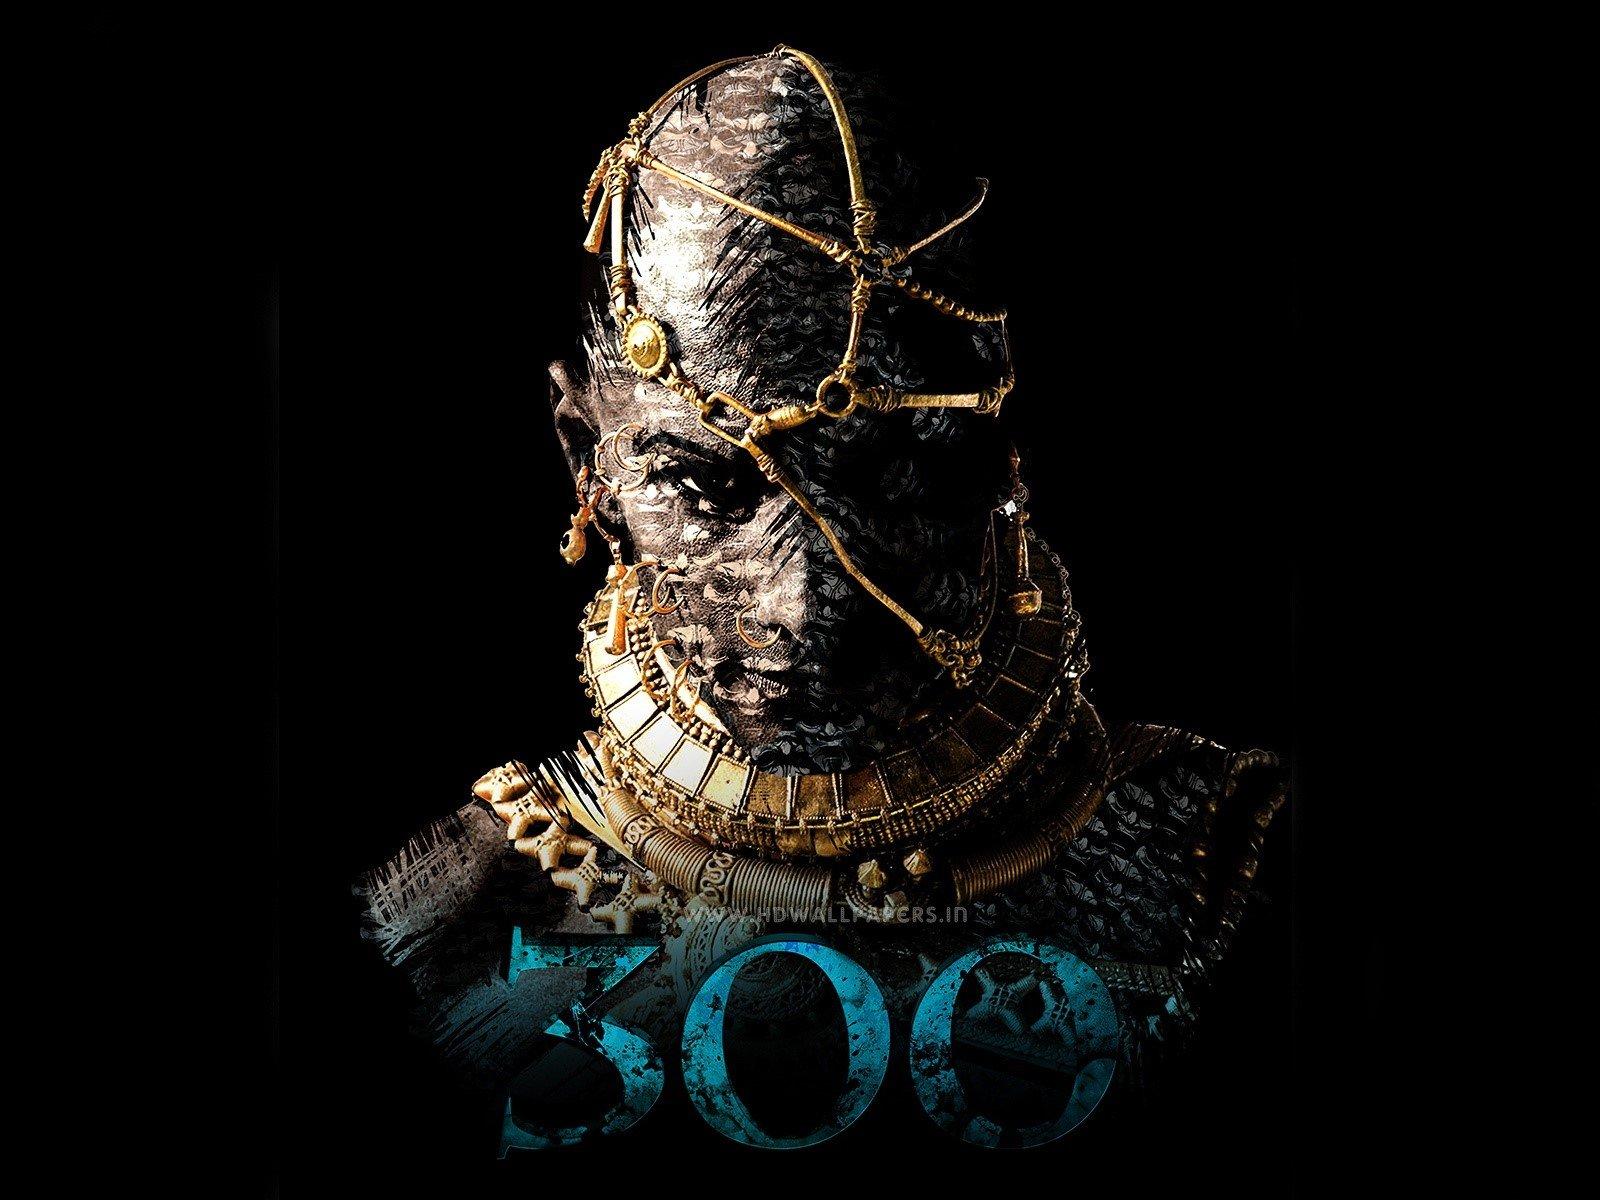 Fondo de pantalla de 300 El nacimiento de un imperio Imágenes